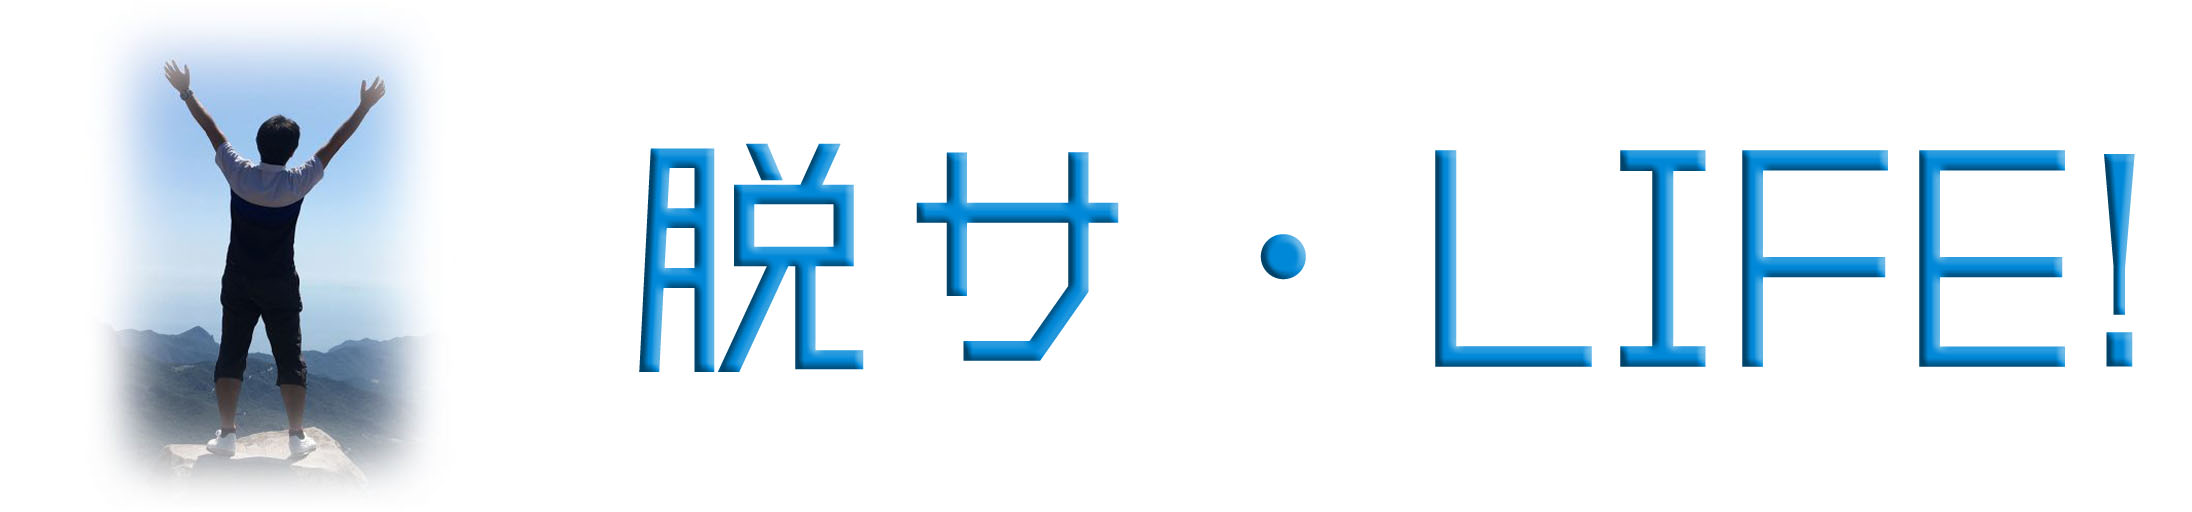 takeo-datsusara